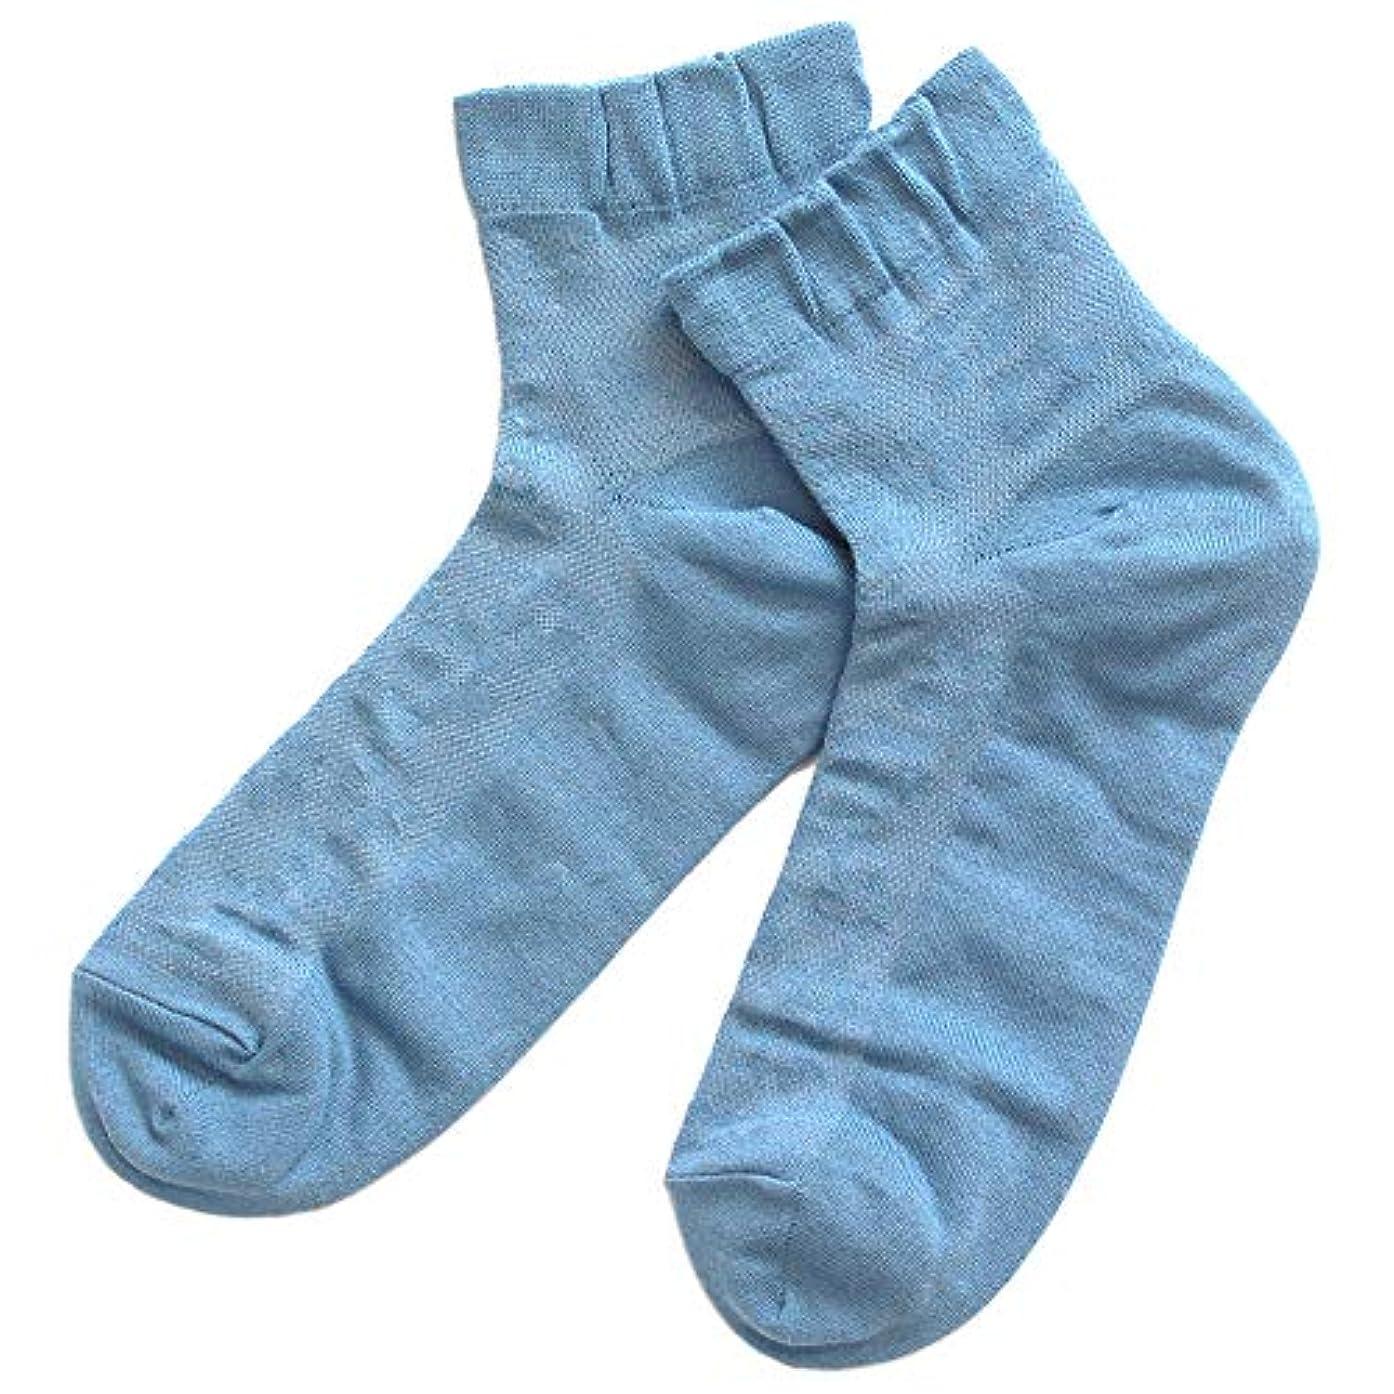 征服分析的な力学温むすび かかとケア靴下 【足うら美人メッシュタイプ 女性用 22~24cm ブルー】 ひび割れ ケア 夏用